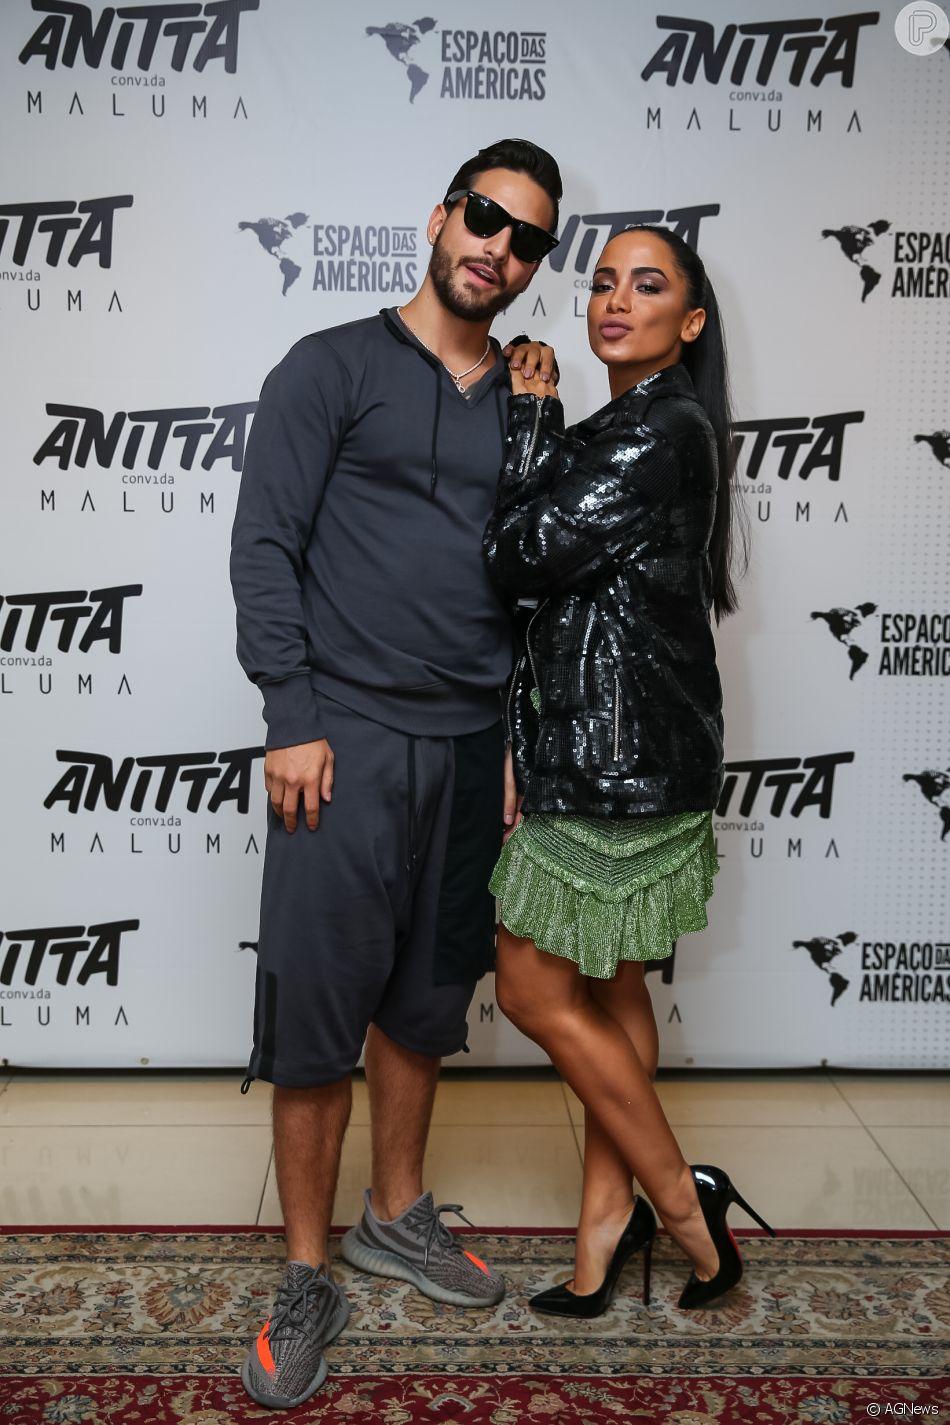 Maluma posa com a noiva e seguidores a comparam à Anitta, em 10 de outubro de 2018